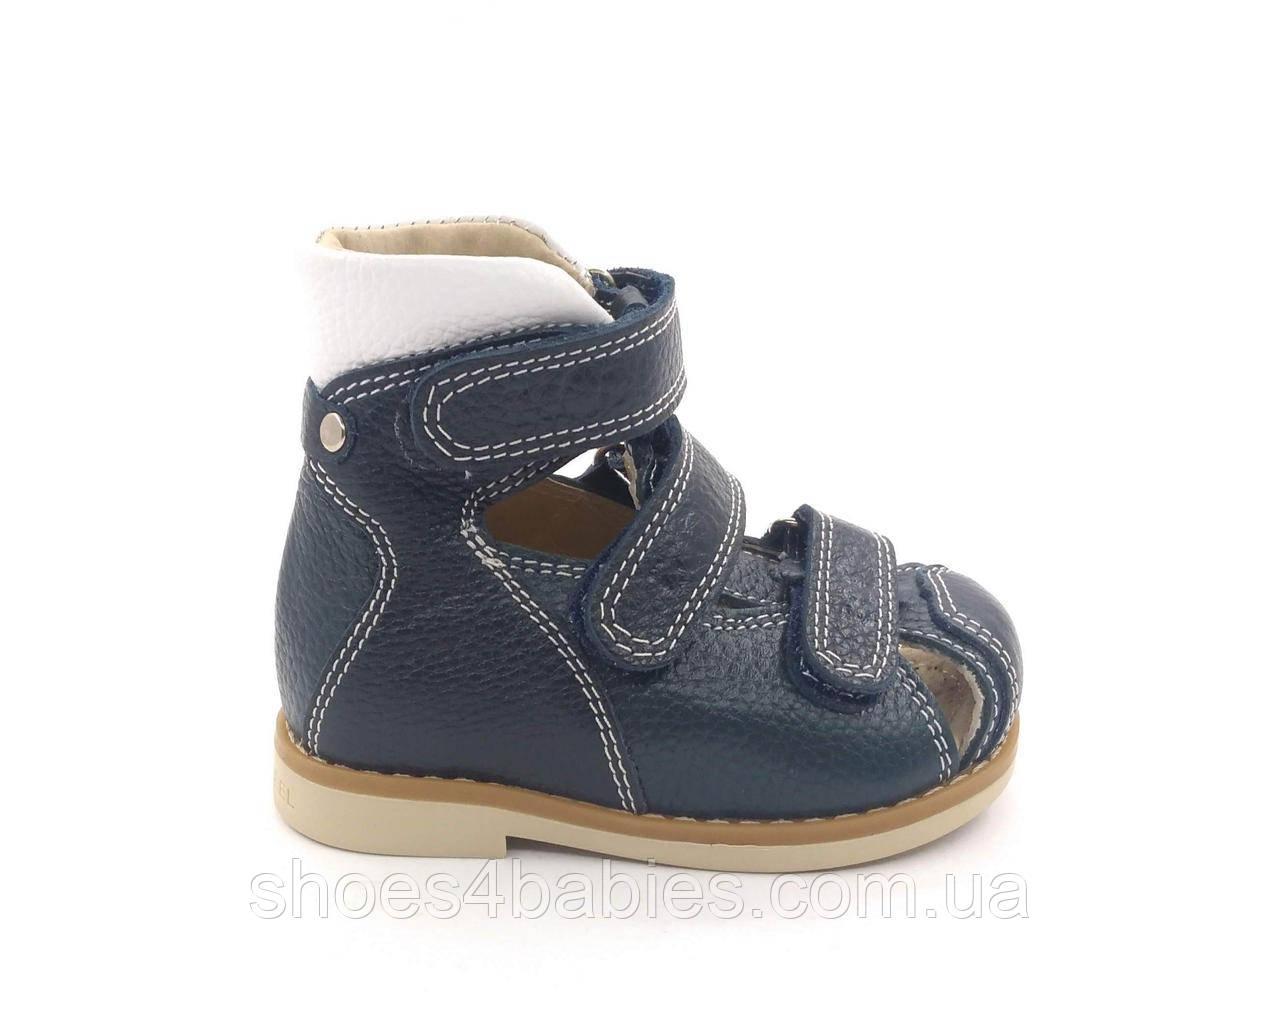 Босоножки, сандали ортопедические Ecoby 006В р. 20, 21